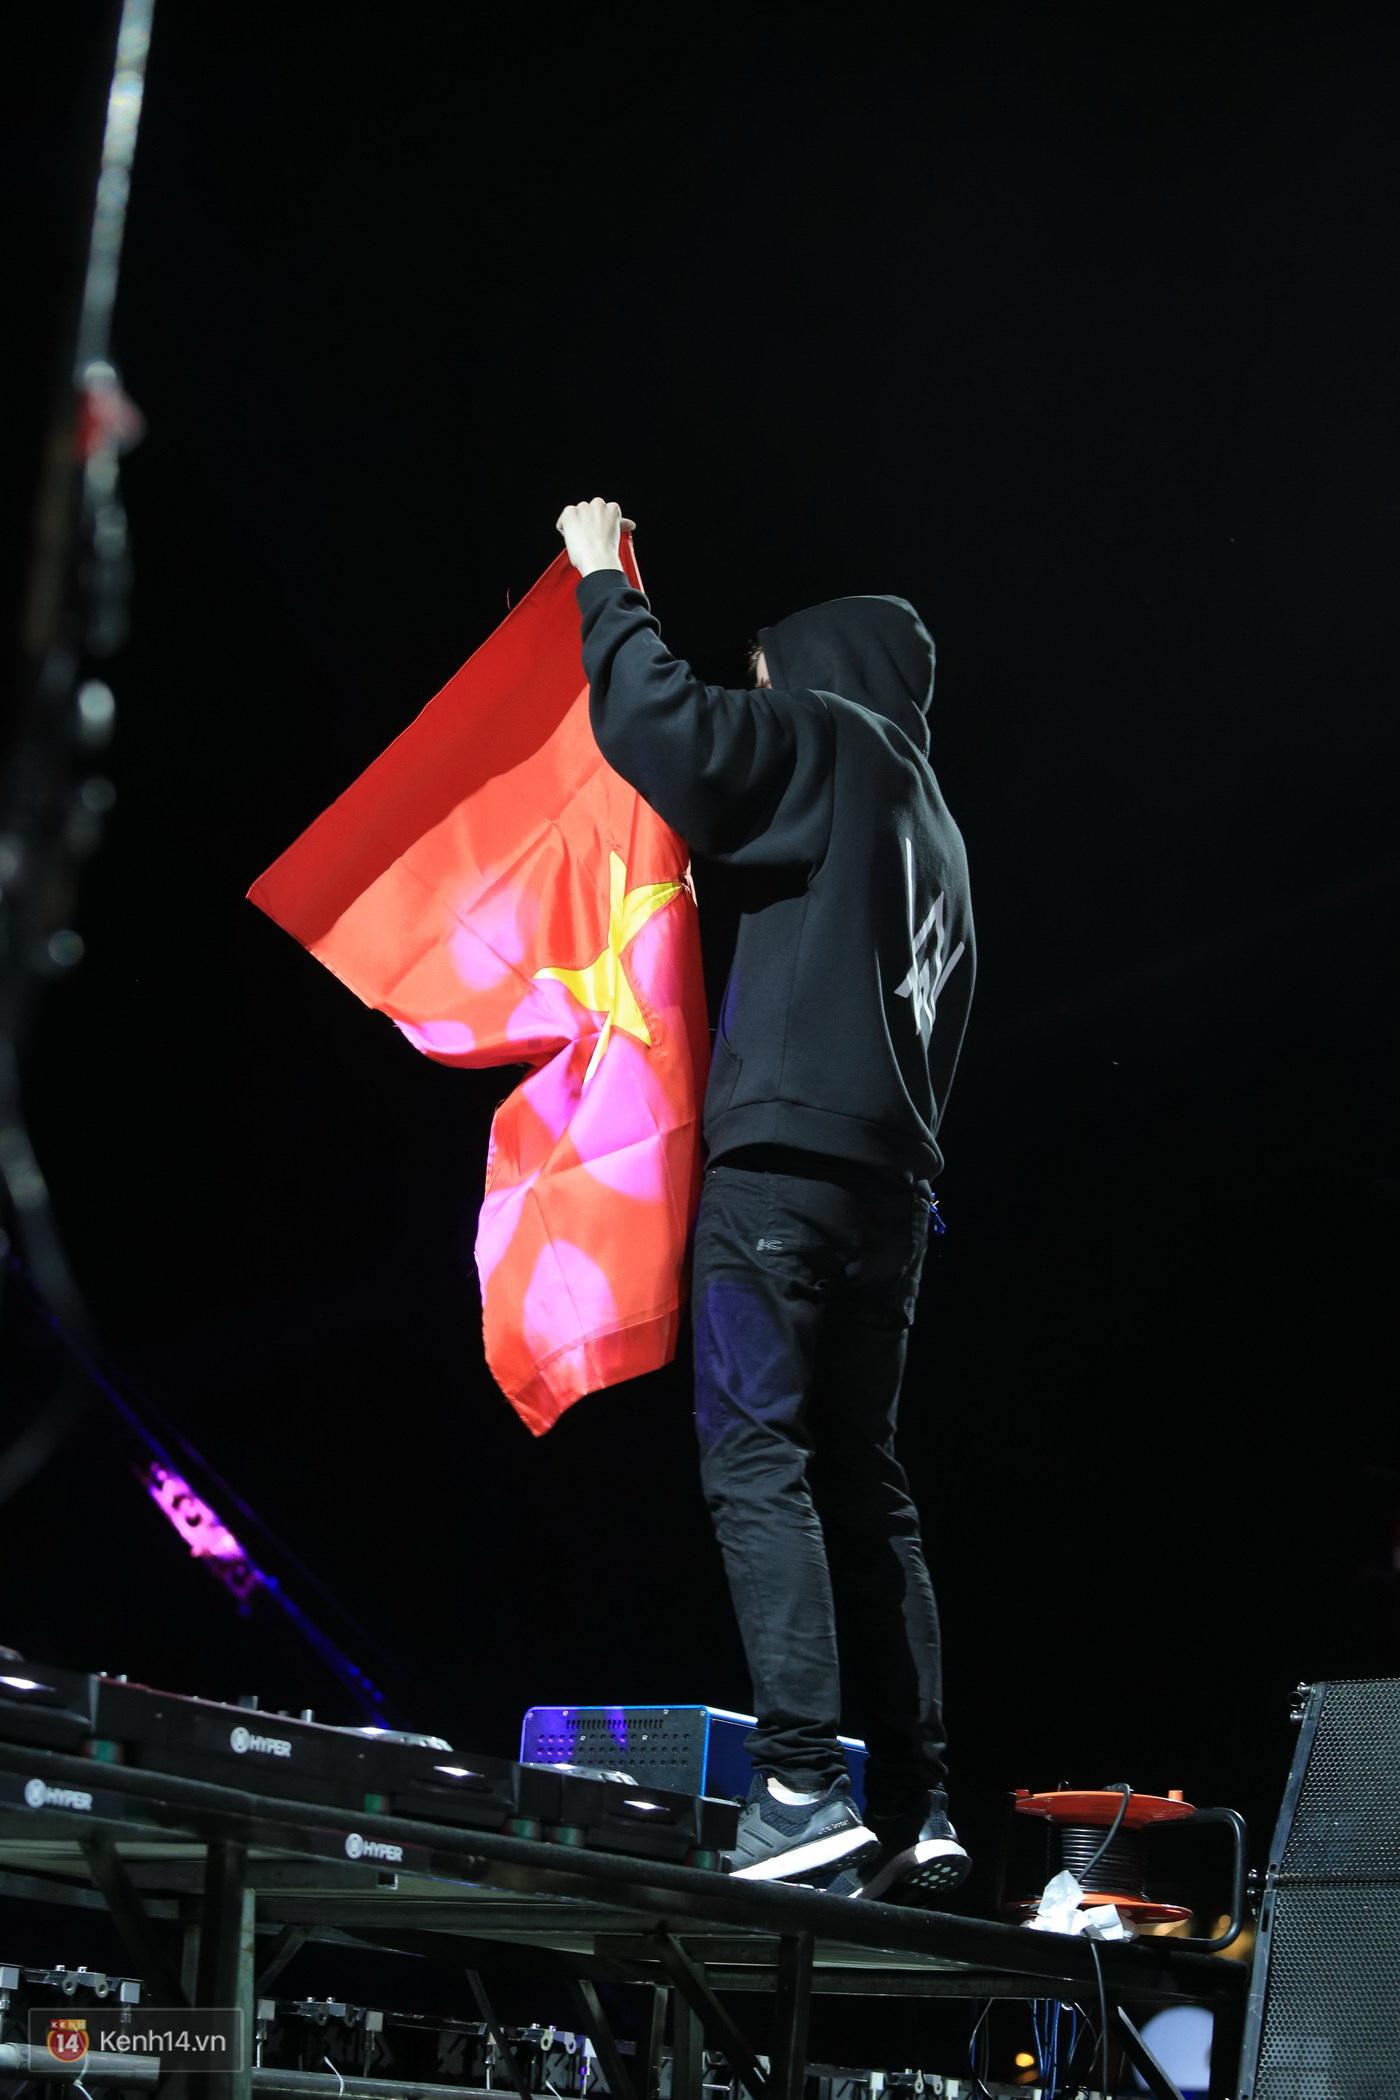 Khán giả Hà thành sướng tai đã mắt với đại nhạc hội EDM của Alan Walker và Nick Romero - Ảnh 6.